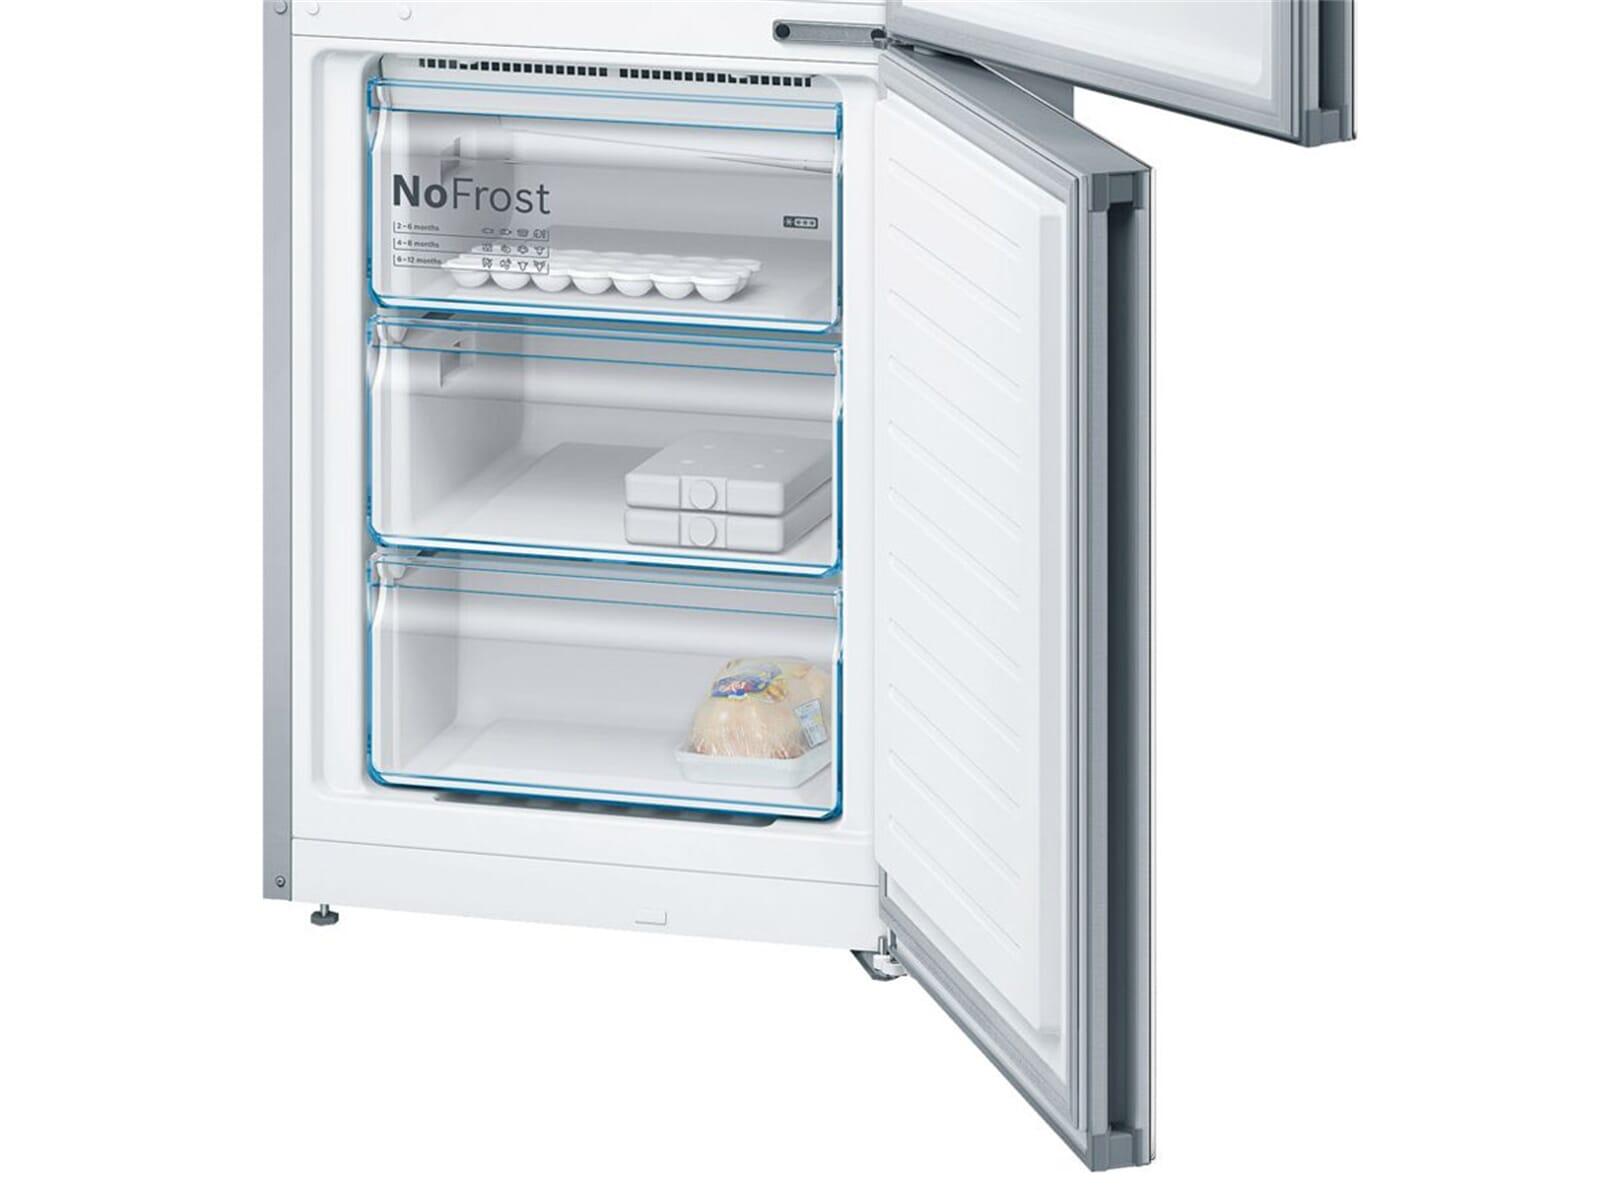 Bosch Kühlschrank No Frost : Bosch kgf sw kühl gefrierkombination weiß ebay